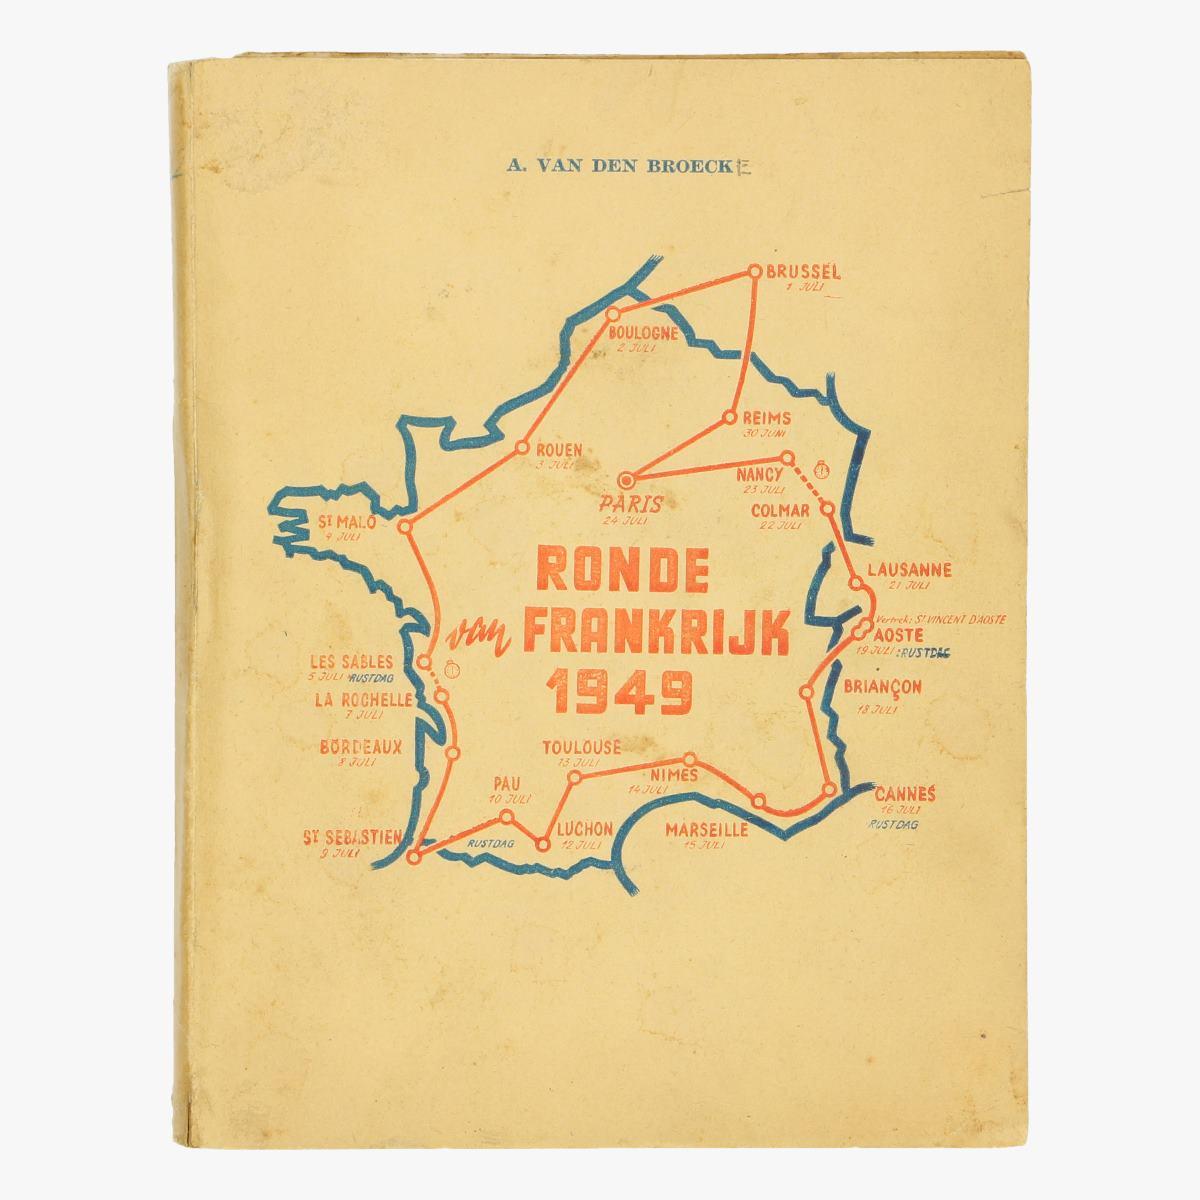 Afbeeldingen van wielrennen boekje  ronde Frankrijk 1949 A. Van Den Broeck